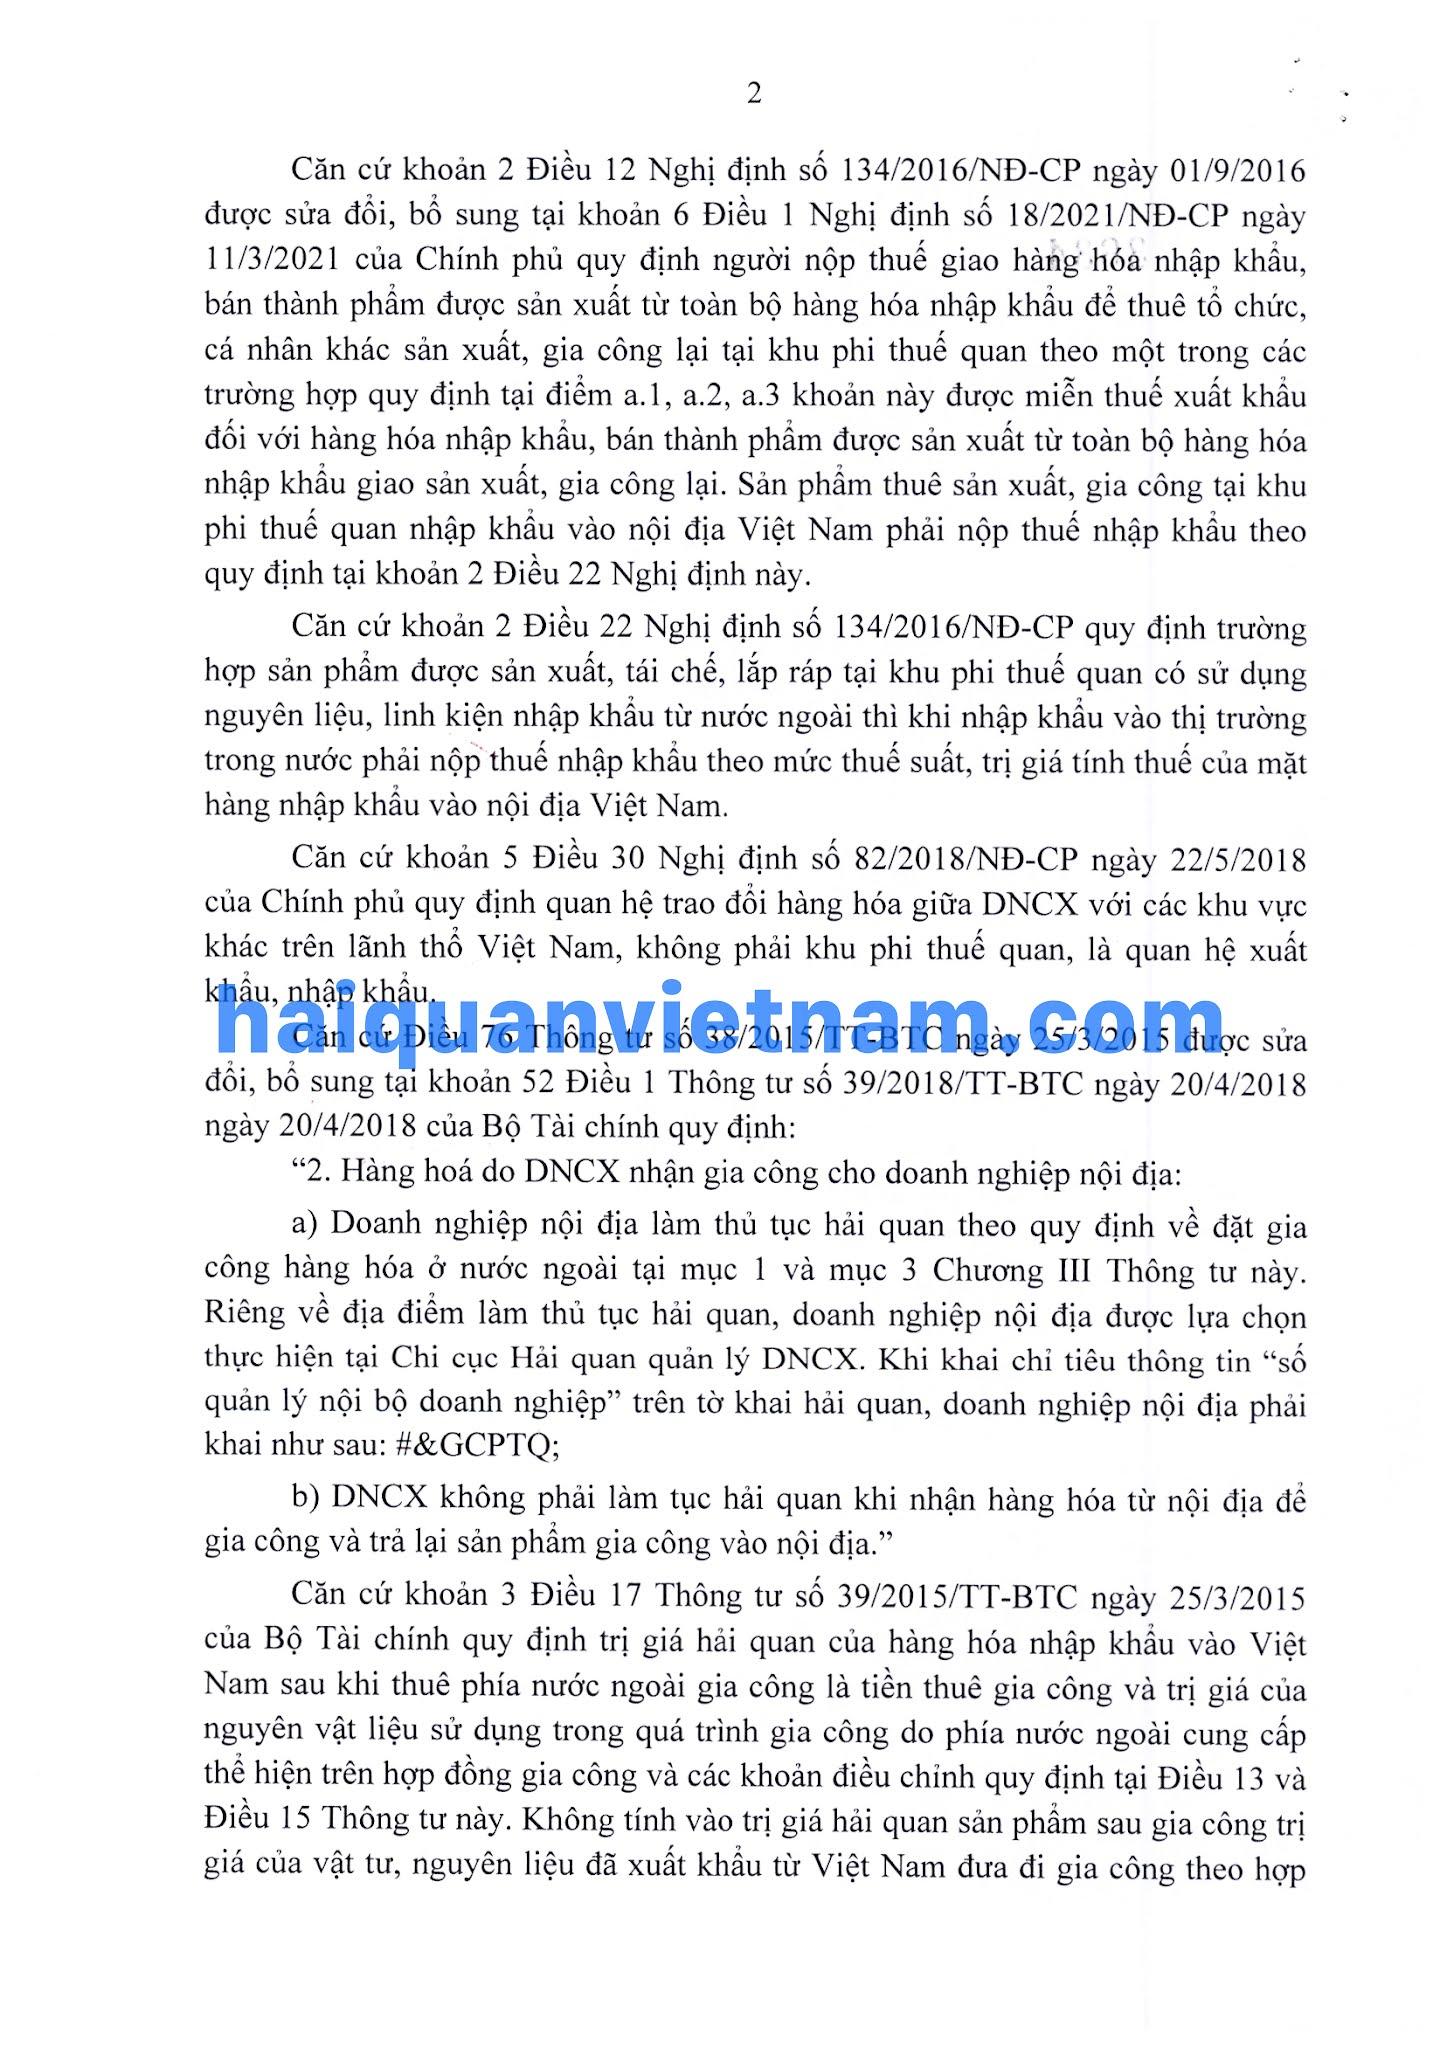 [Image: 210719%2B-%2B3634-TCHQ-TXNK_haiquanvietnam_02.jpg]